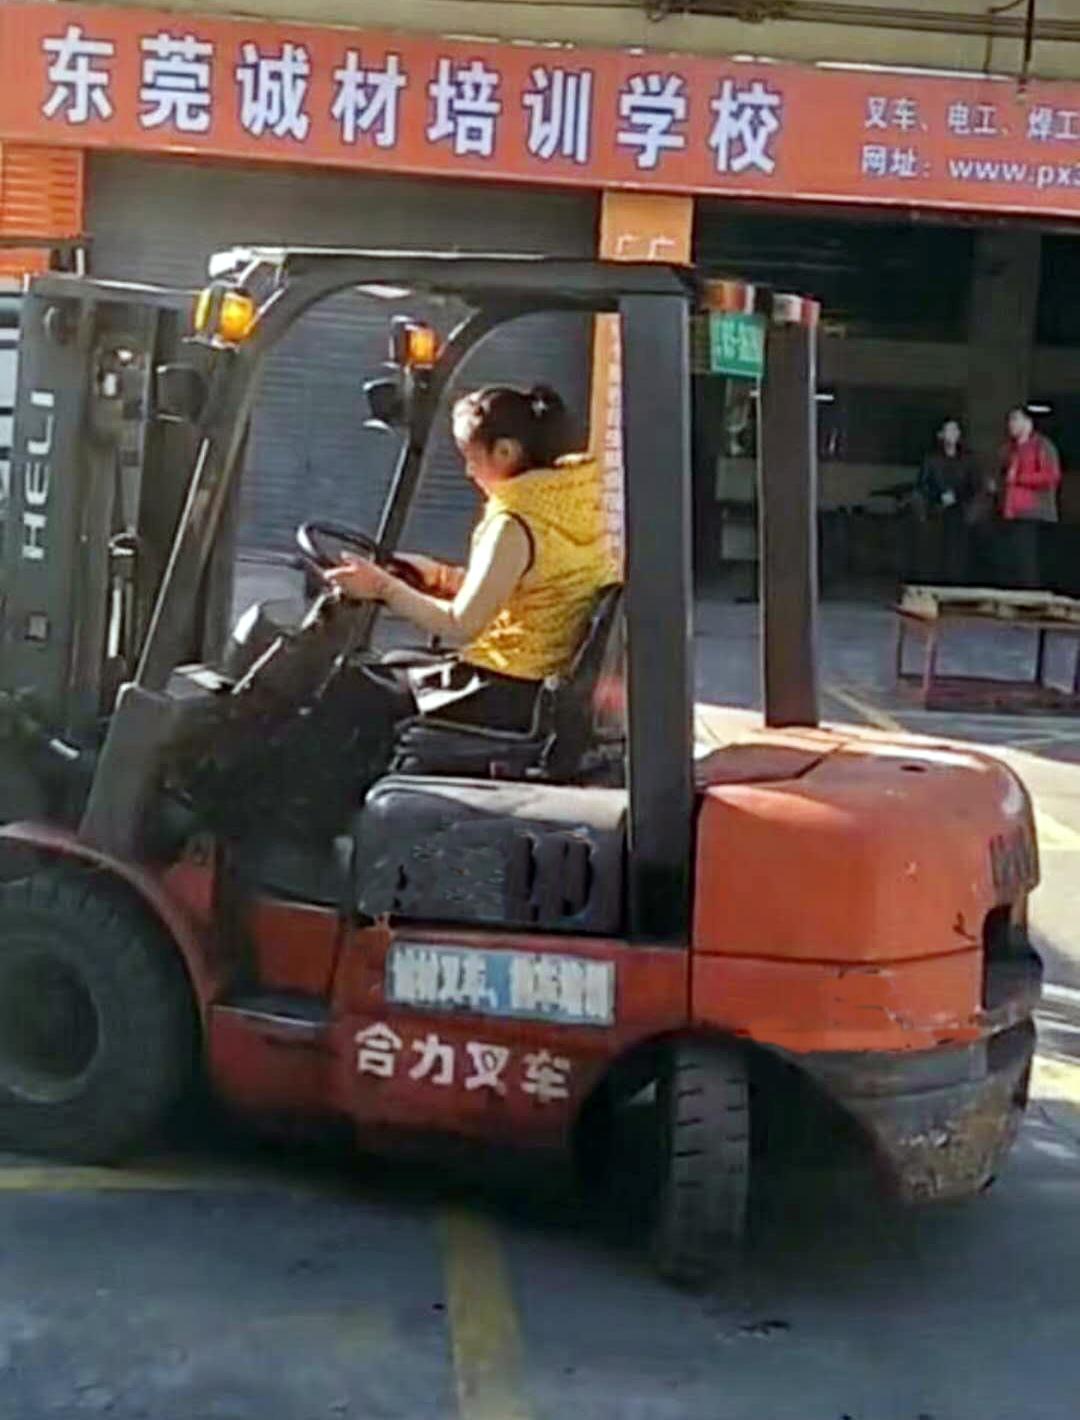 長安叉車培訓費用 誠材培訓 學習 大型 正規 駕駛 學 申請 開